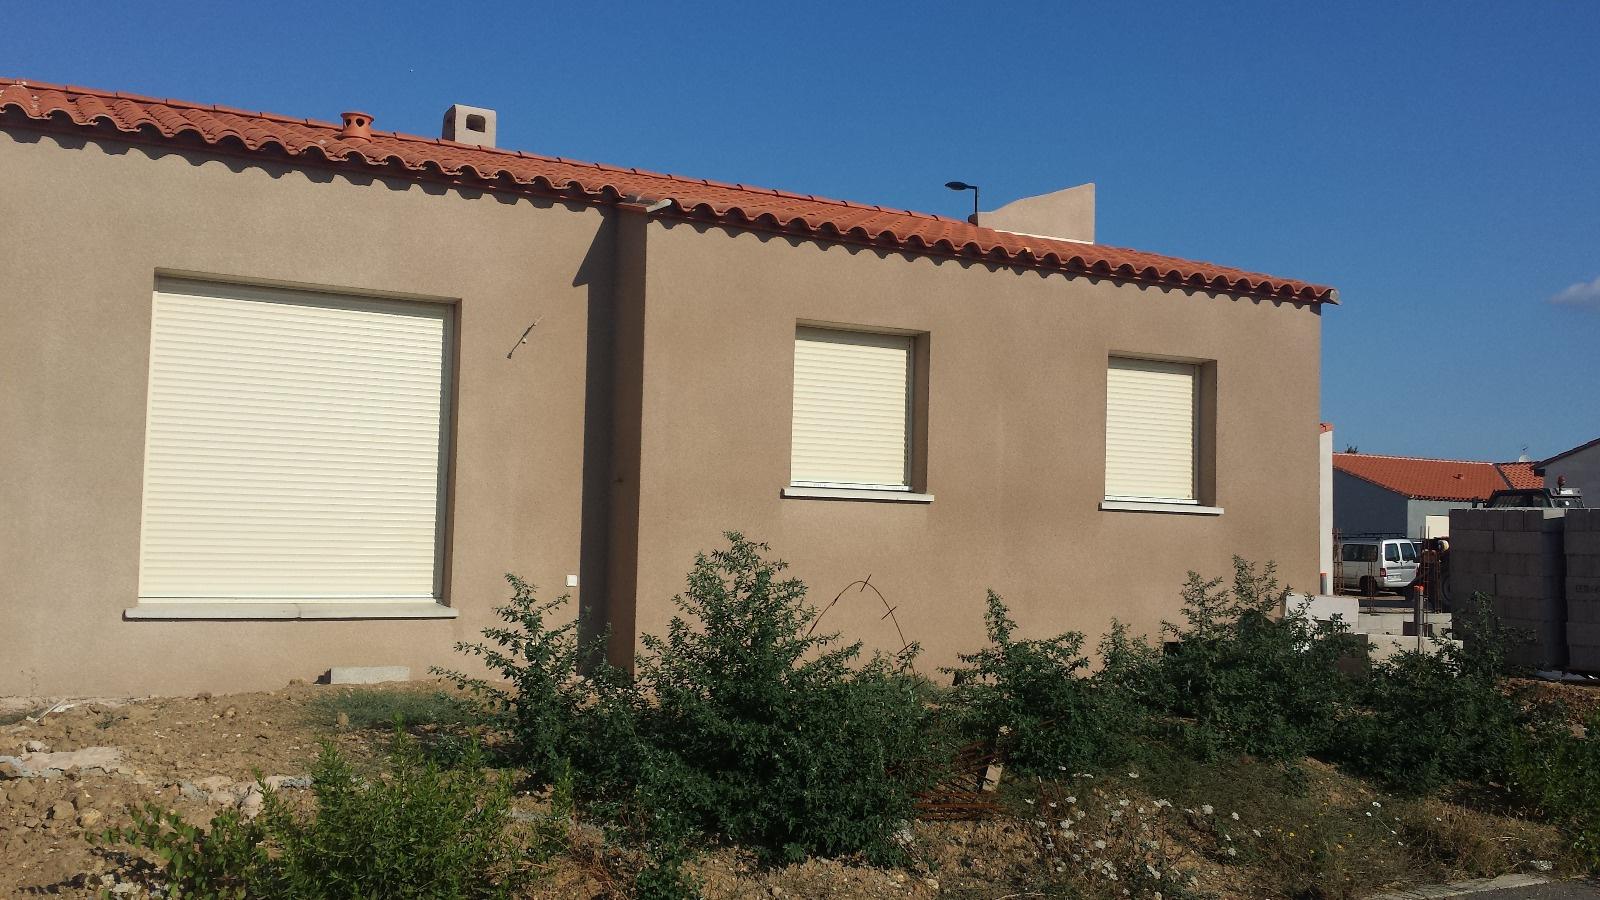 Vente perpignan palais des congr s maison de ville t 4 avec garage et jardin exclusivite - Jardin ville de quebec perpignan ...